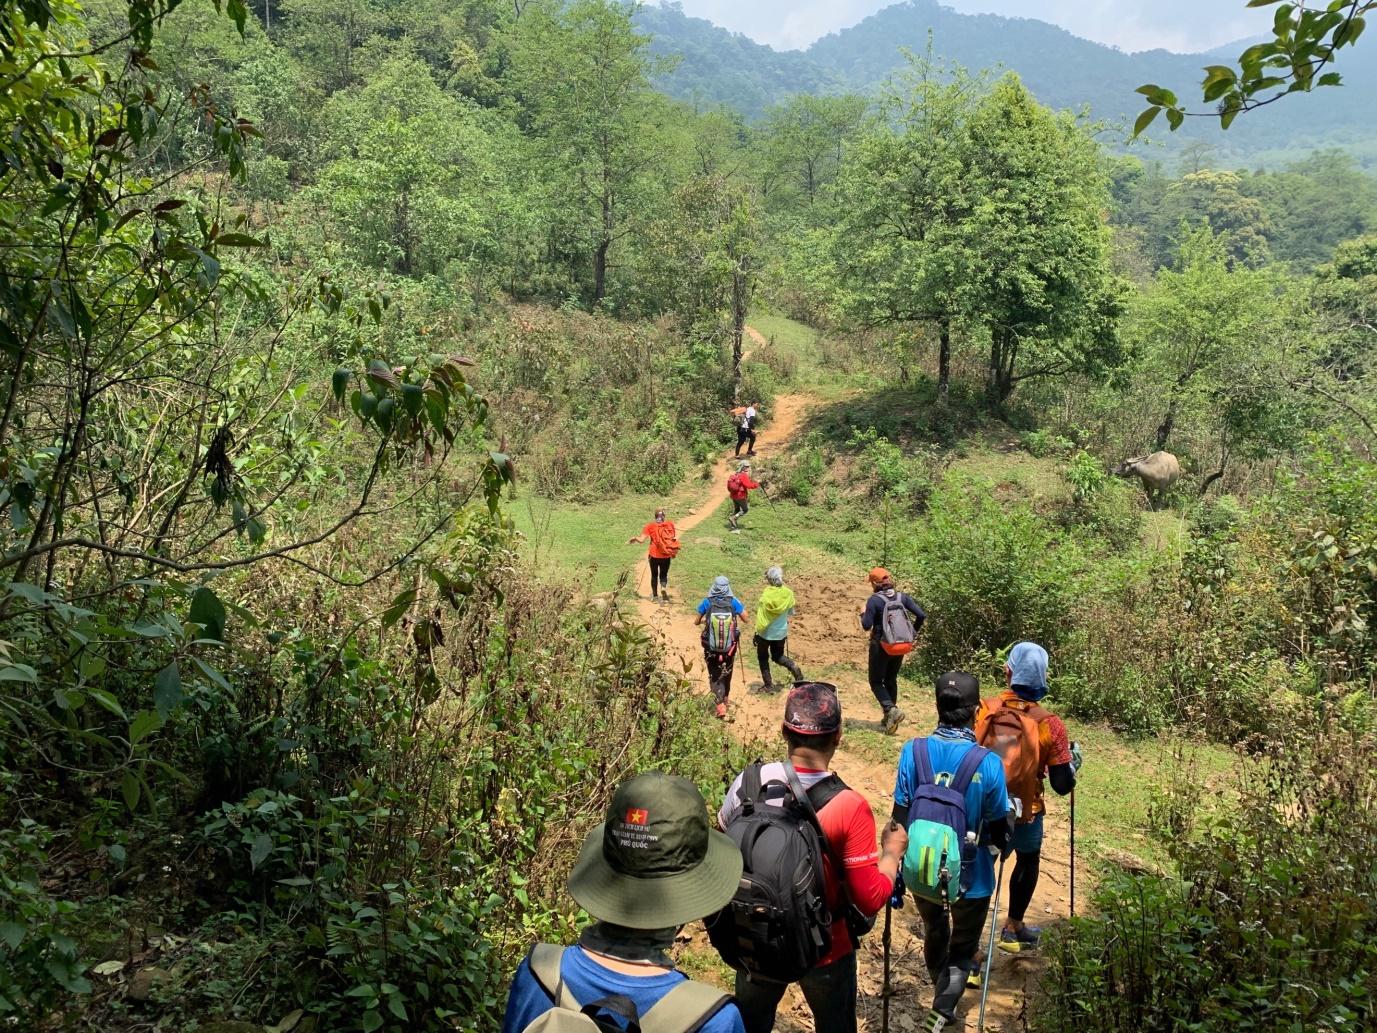 Du khách trên chặng đường ngày đầu leo núi Khang Su Văn. Ảnh: Đức Hùng